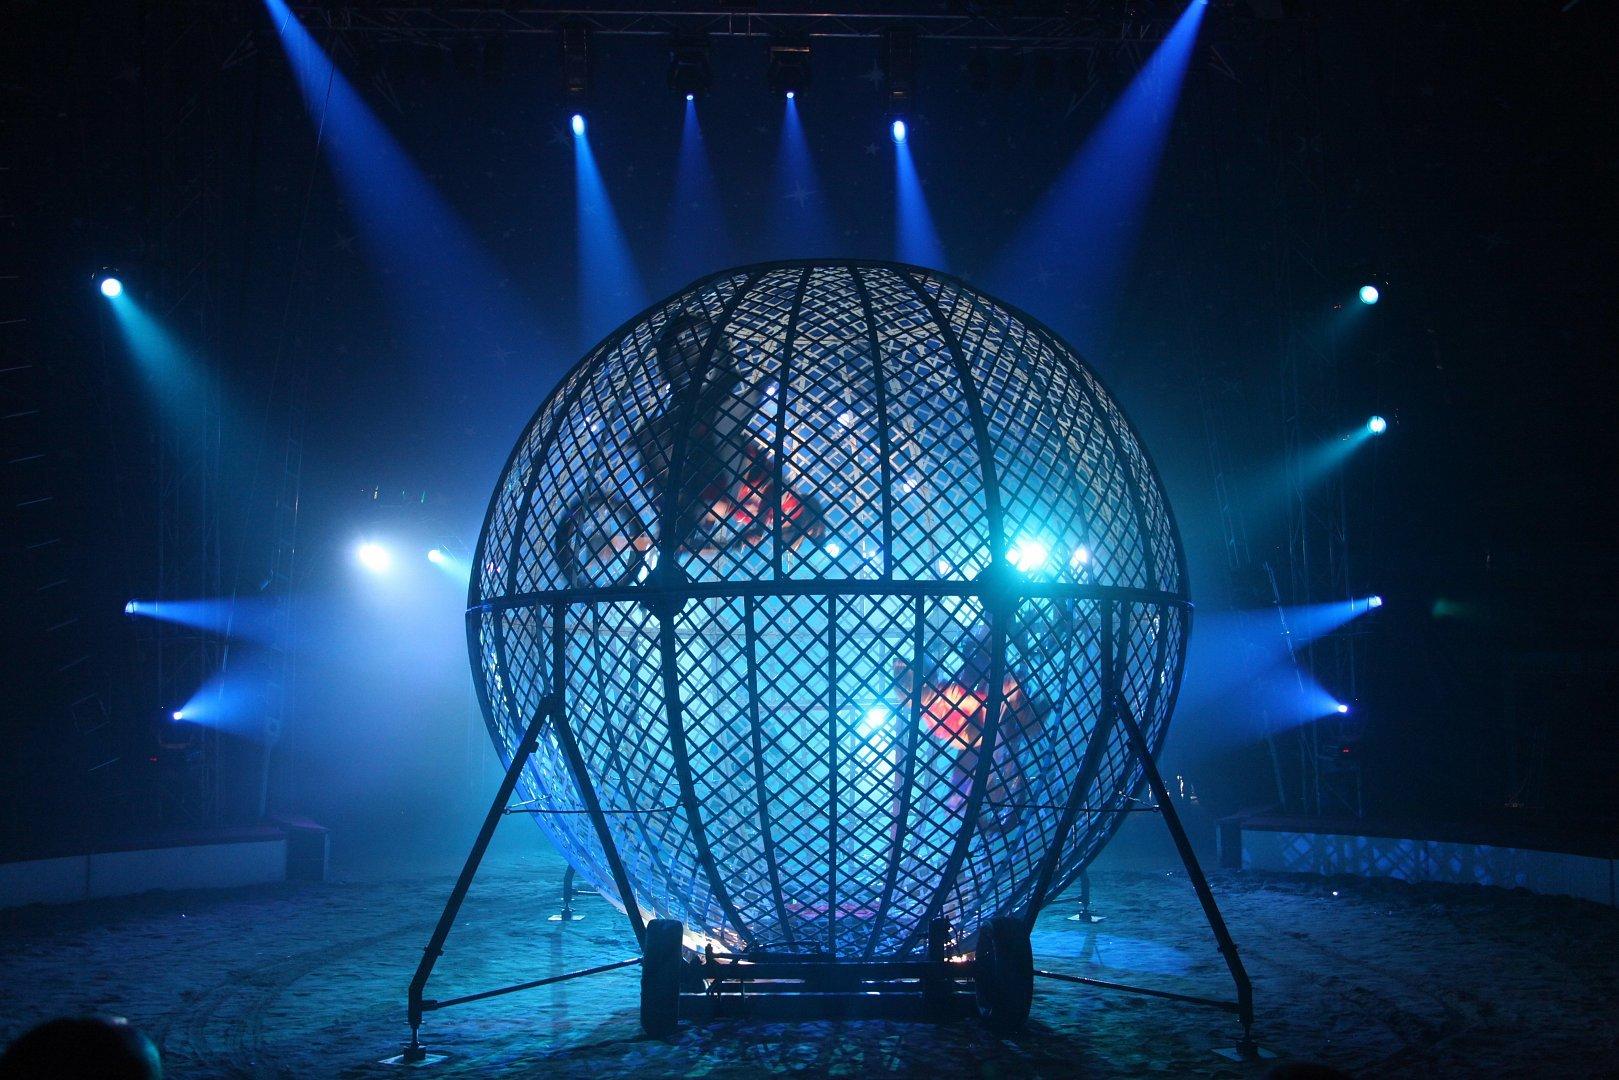 Цирковое представление «Экстрим-шоу братьев Шатировых»